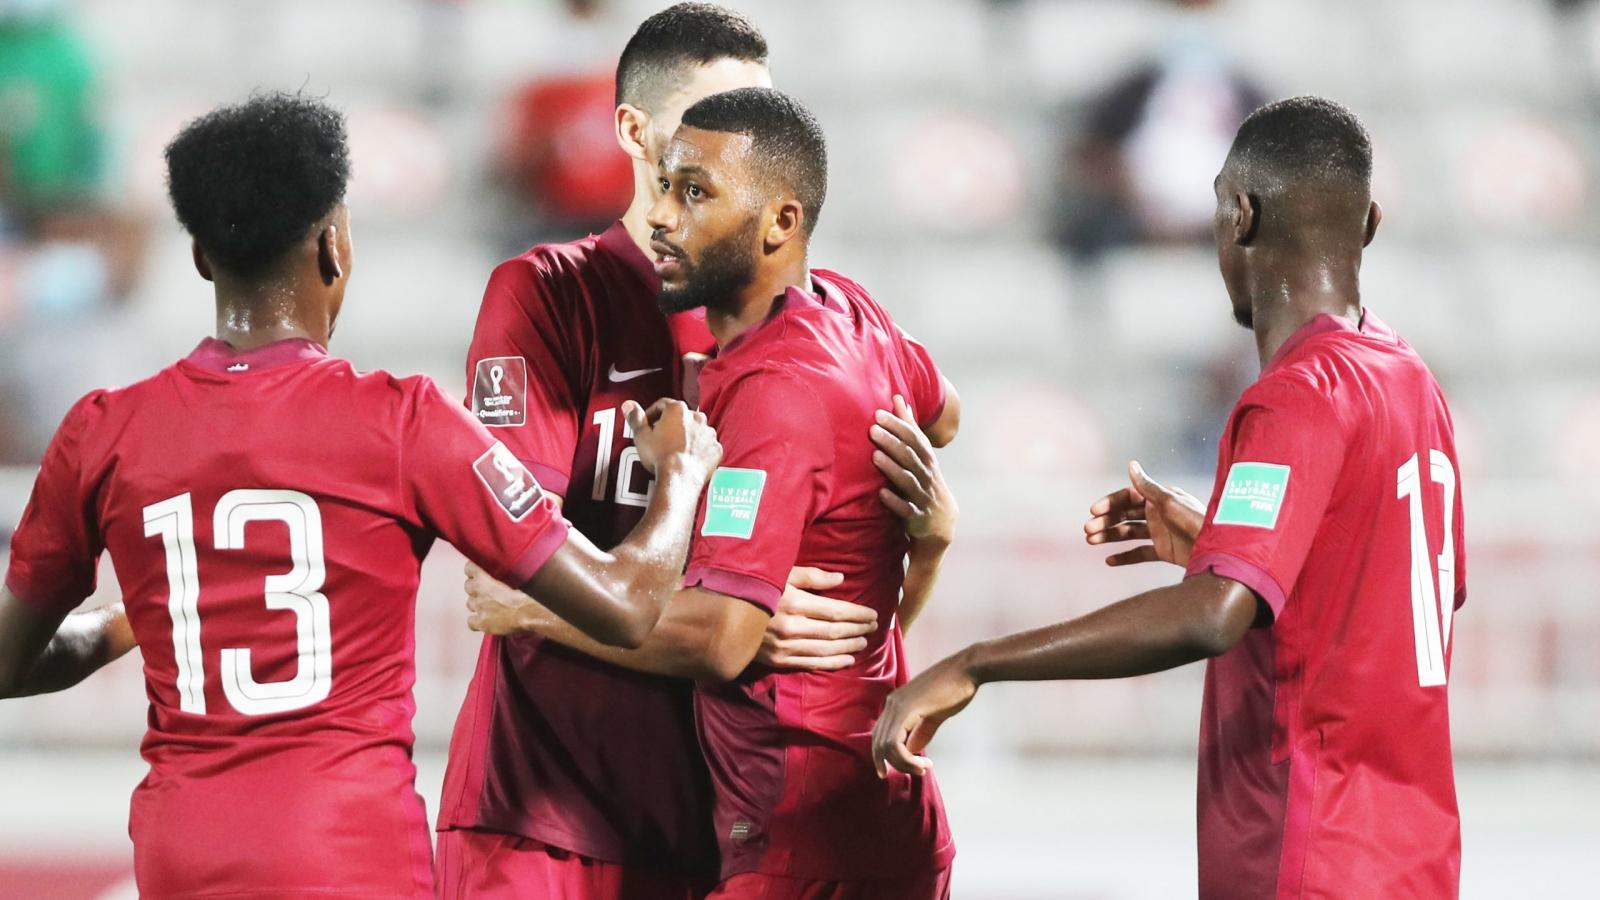 Vì mục tiêu World Cup 2022, ĐT Qatar thực hiện điều chưa từng có trong lịch sử bóng đá